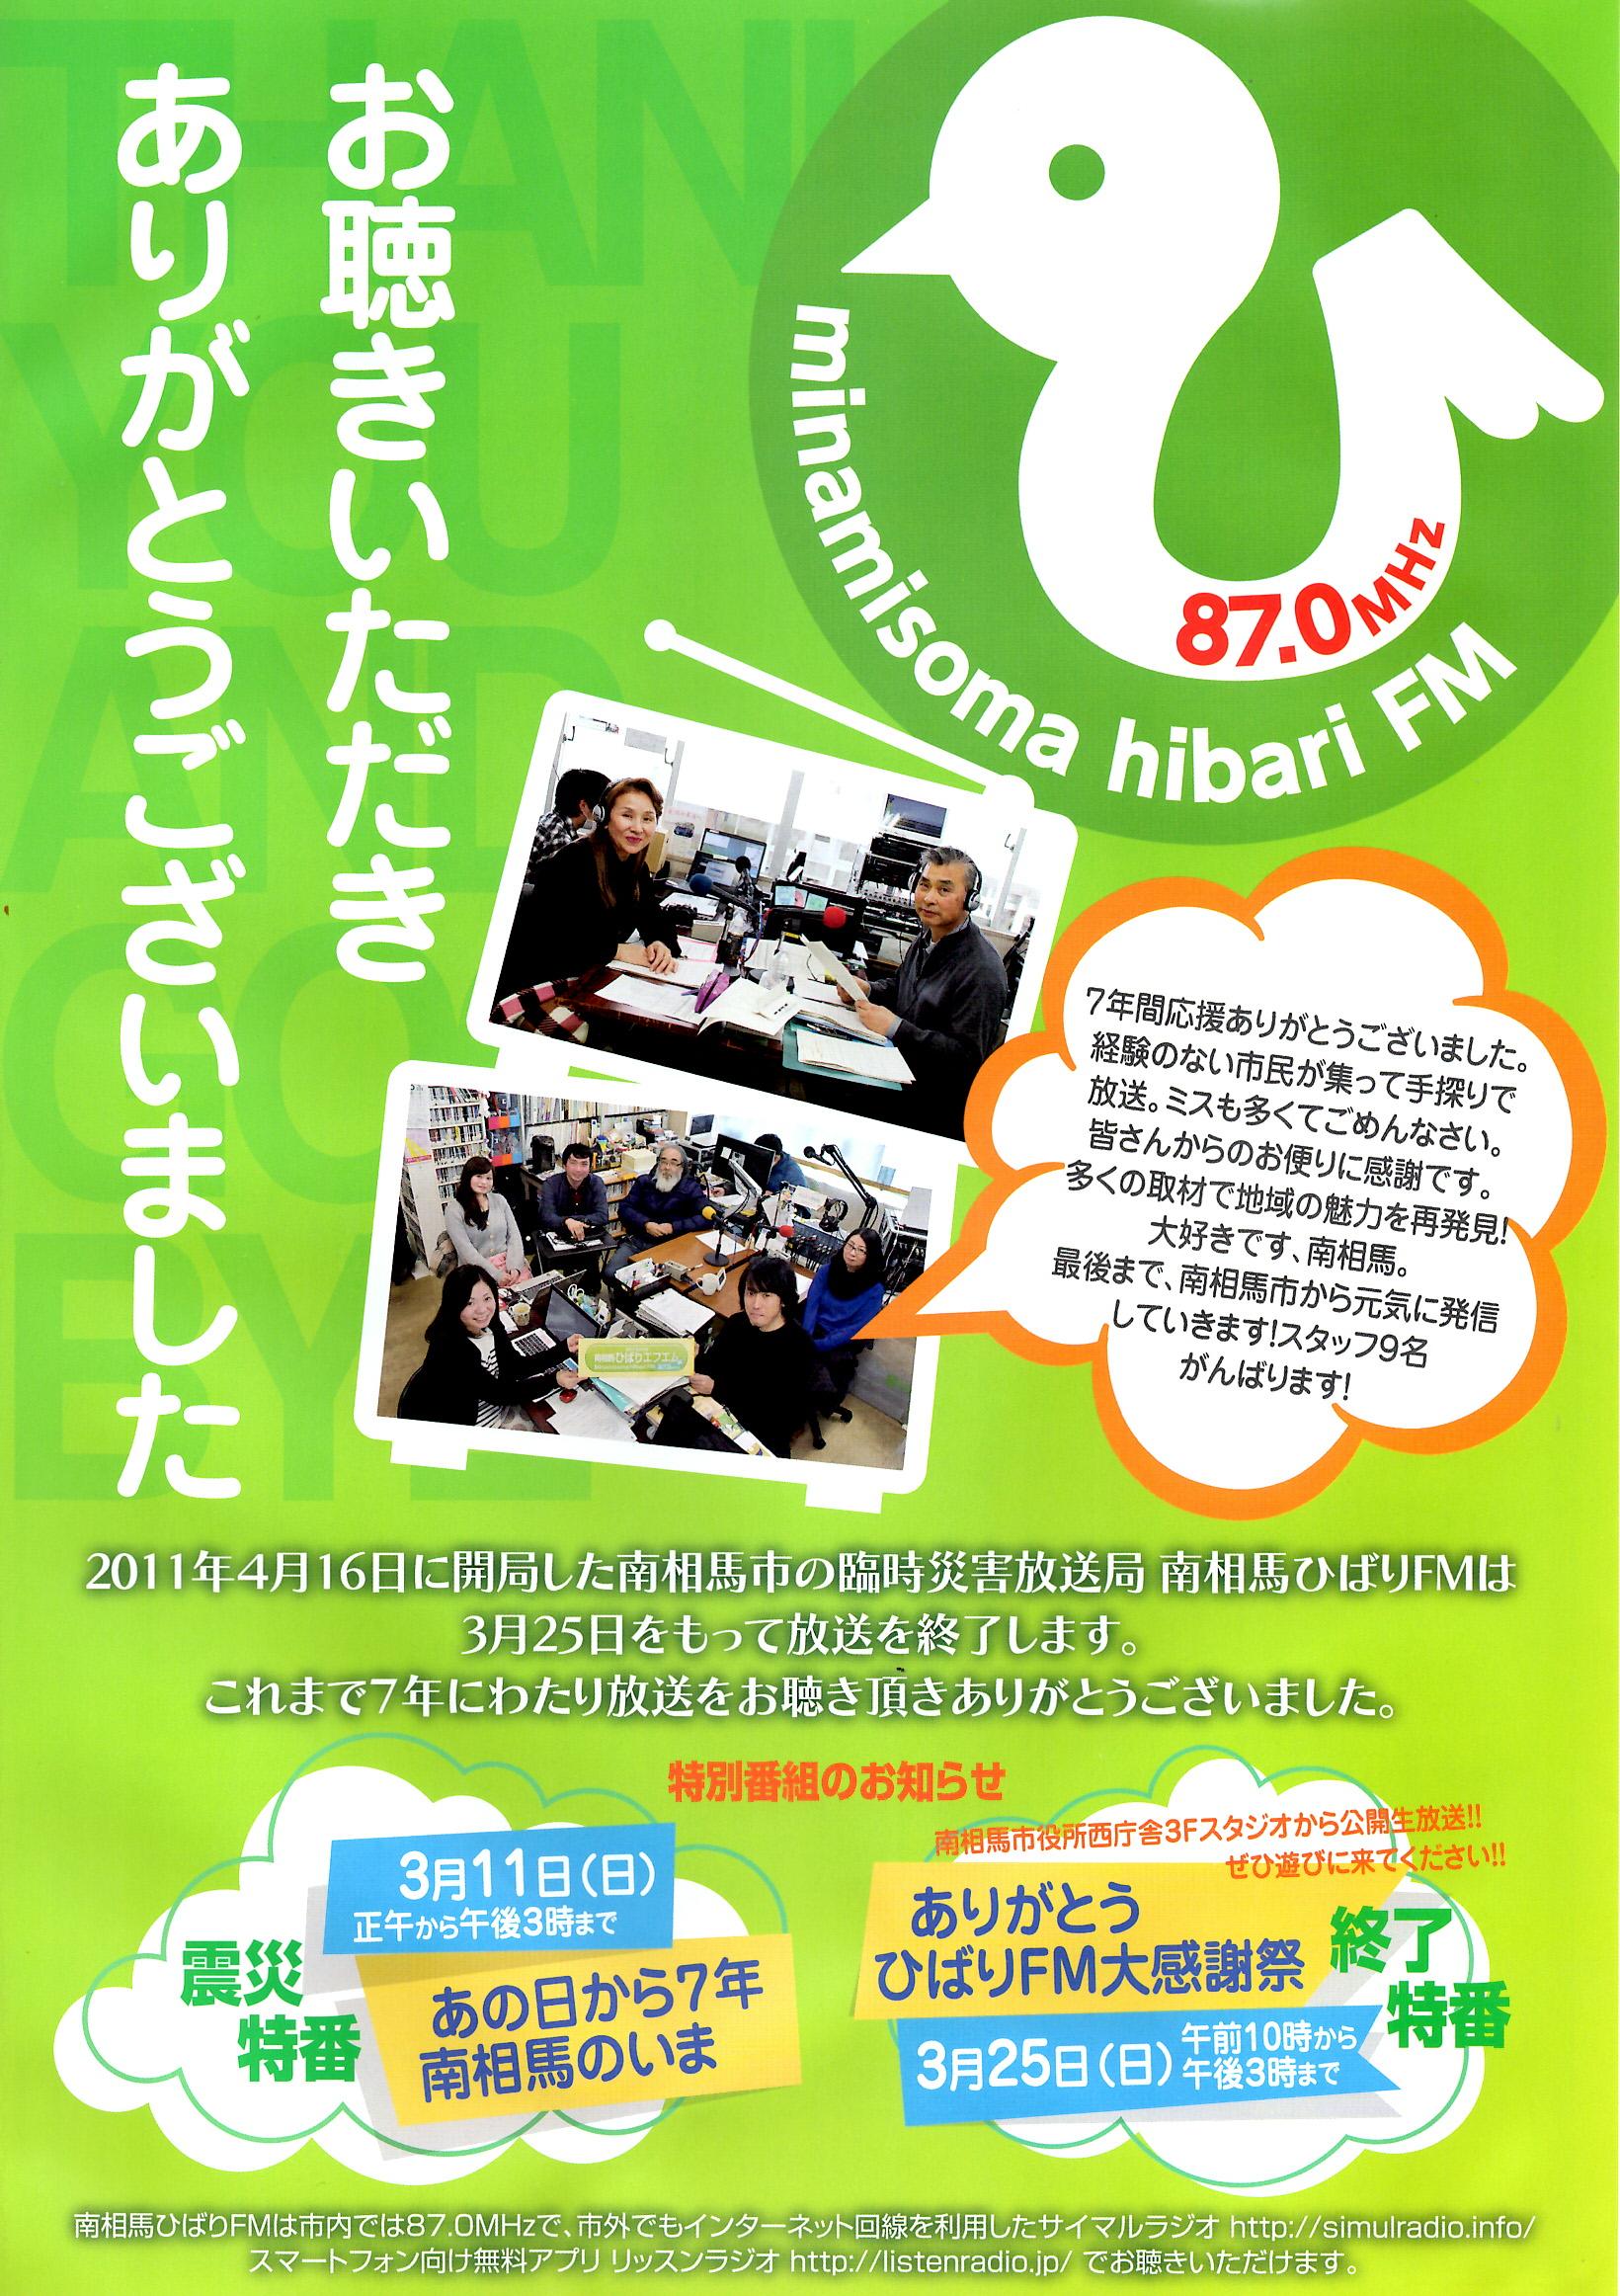 ありがとう!南相馬ひばりFM